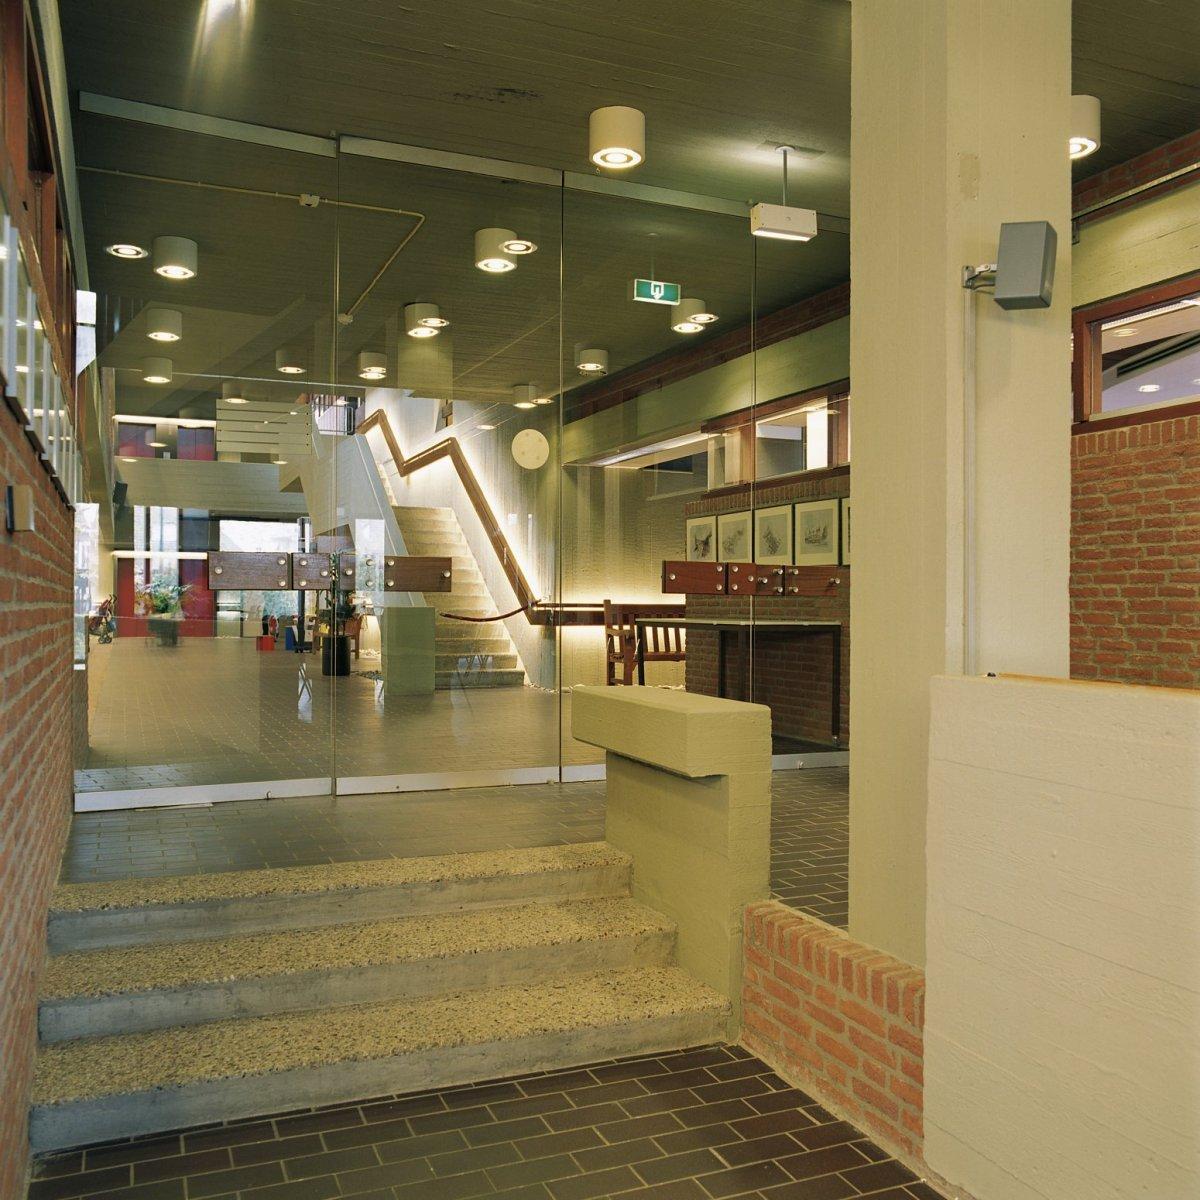 File:Interieur, zicht op de centrale hal met trap naar de eerste ...